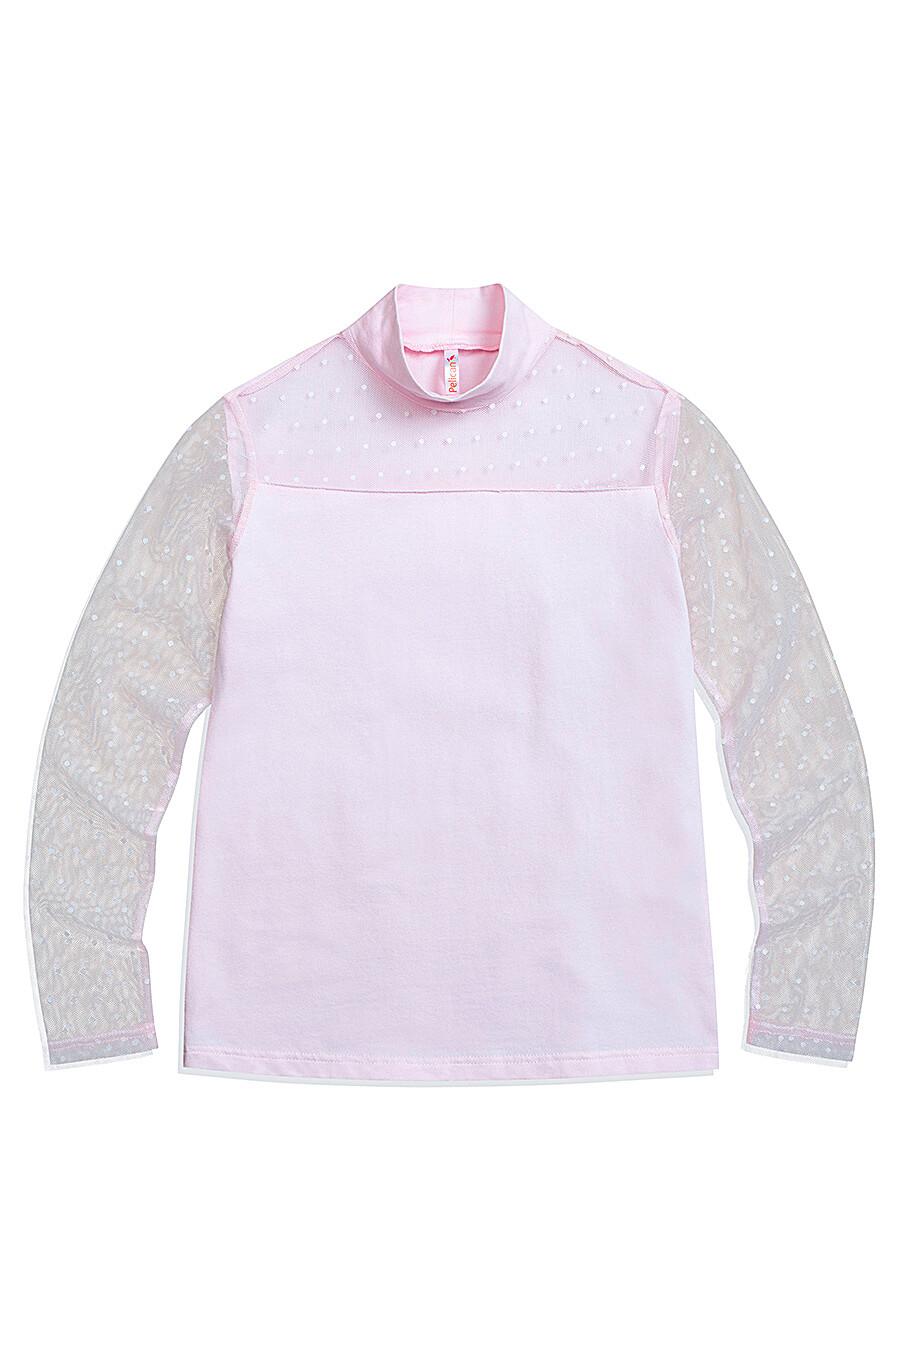 Блузка для девочек PELICAN 218590 купить оптом от производителя. Совместная покупка детской одежды в OptMoyo